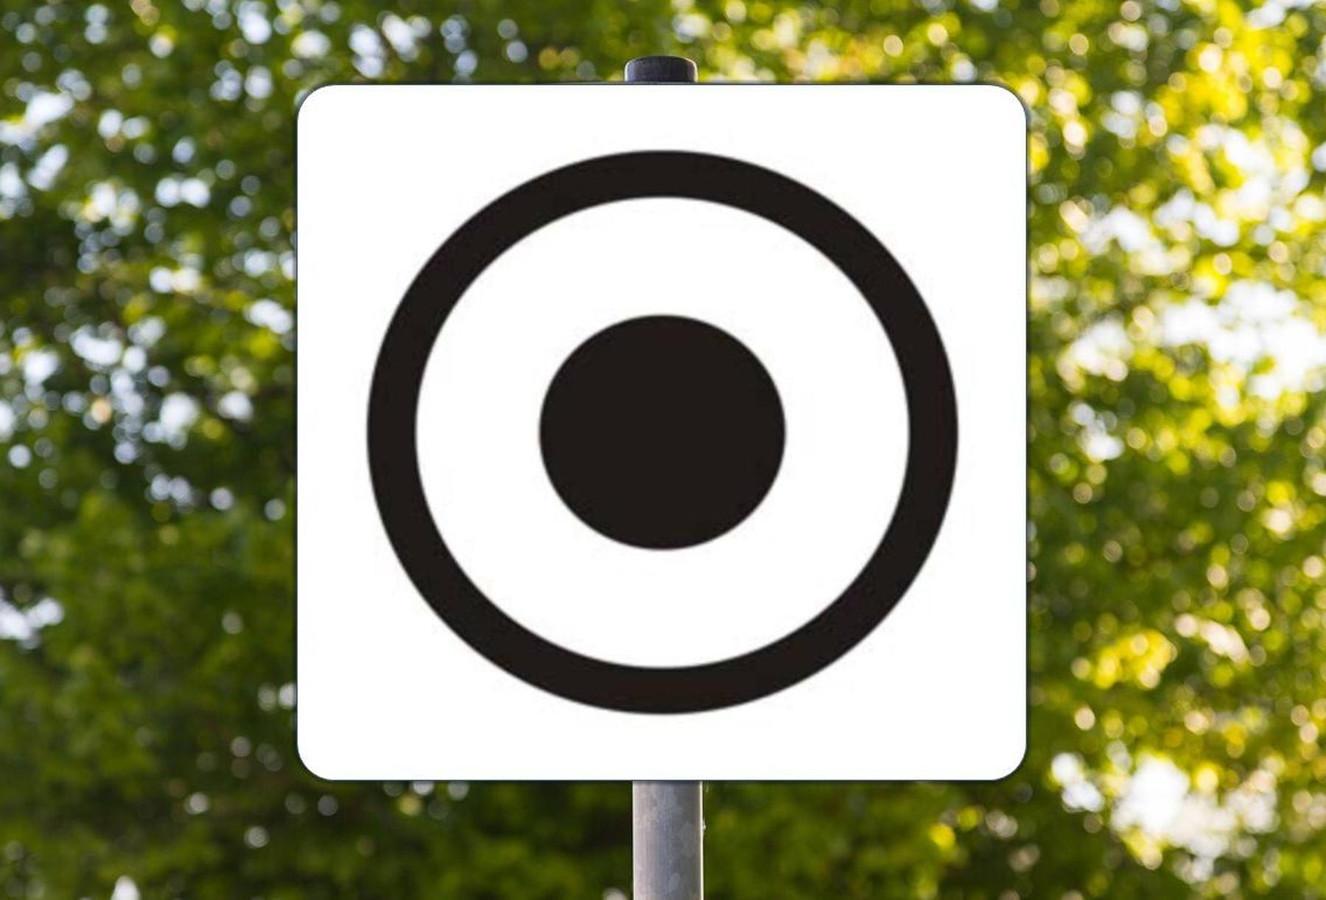 Dit verkeersbord herkennen zelfs de meeste Duitsers zelf niet.